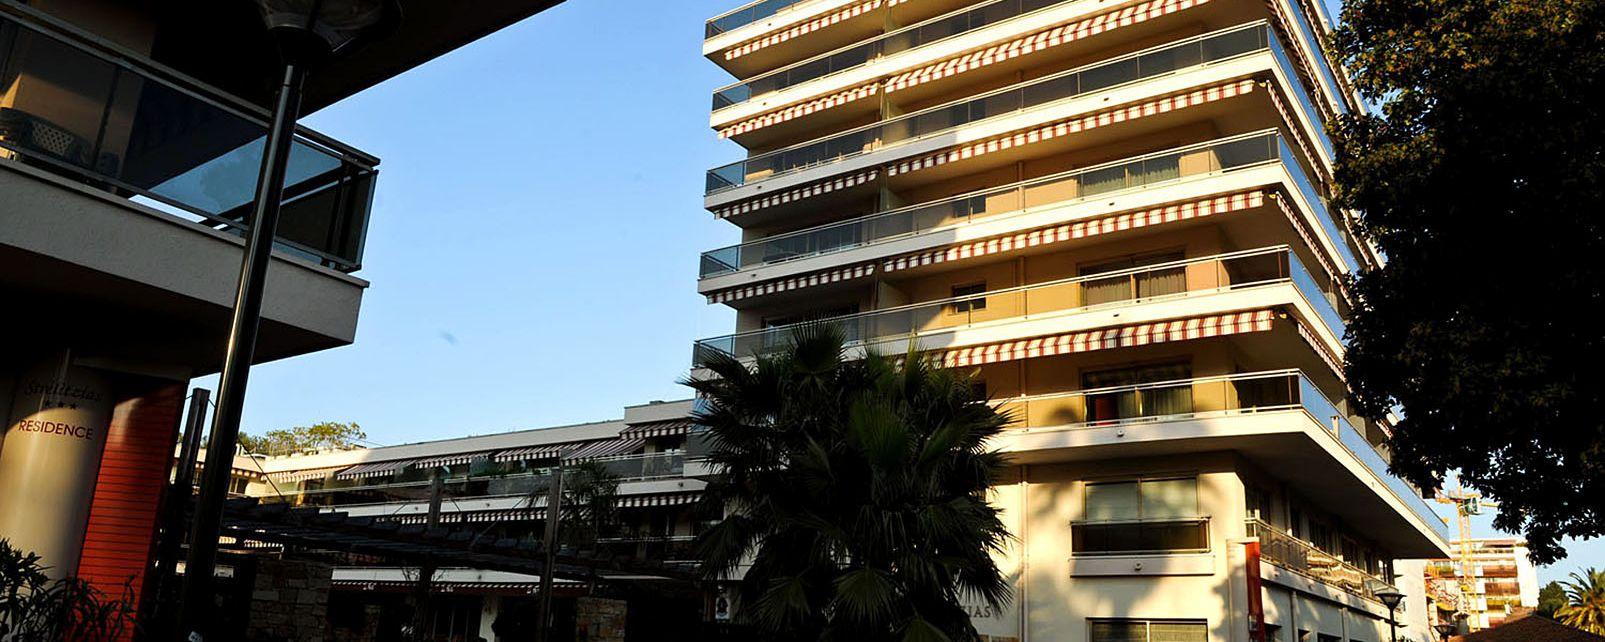 Hôtel Les Strelitzias